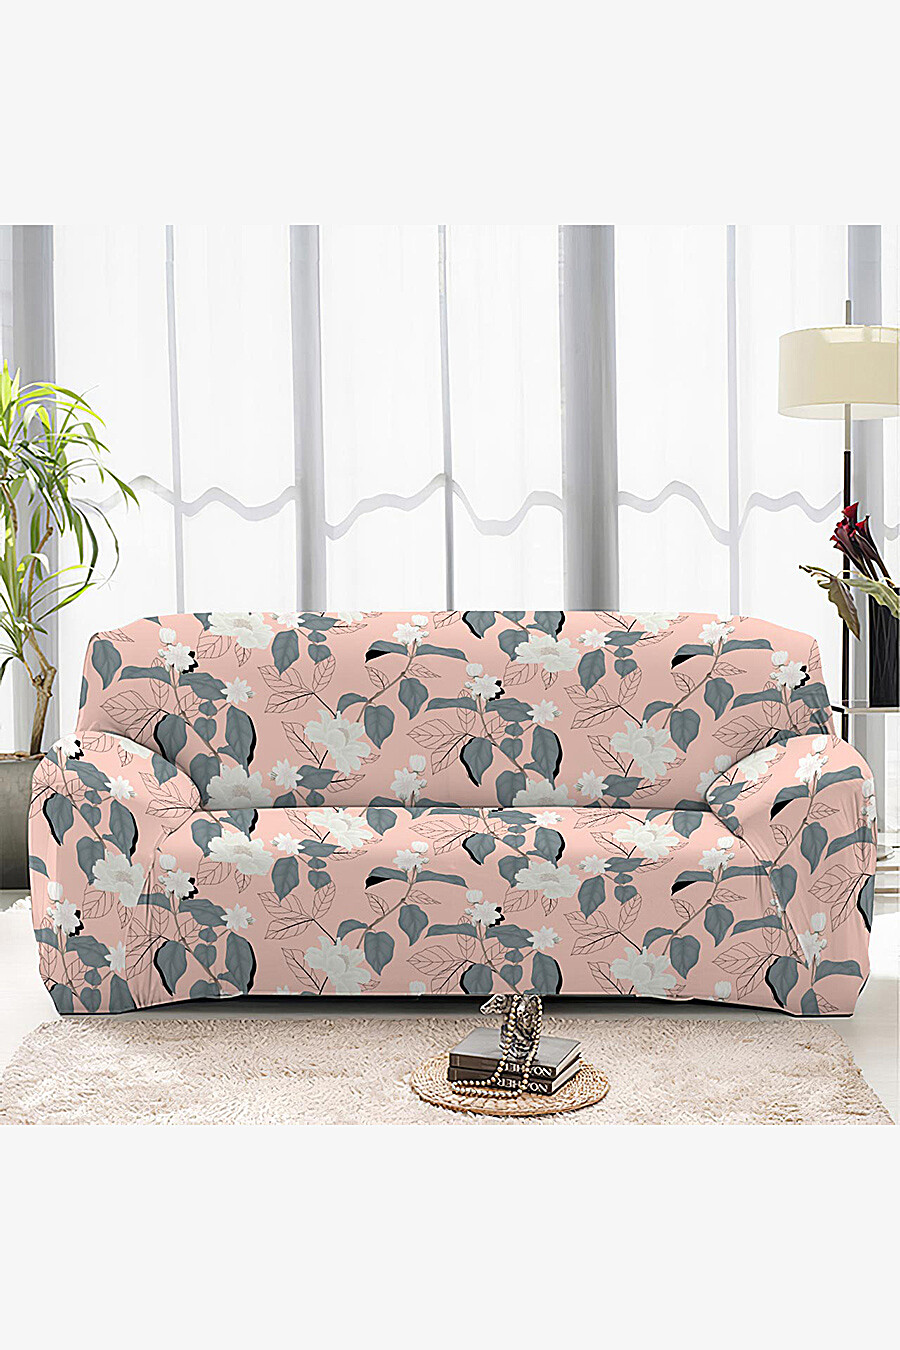 Чехол на диван для дома ART HOME TEXTILE 162863 купить оптом от производителя. Совместная покупка товаров для дома в OptMoyo